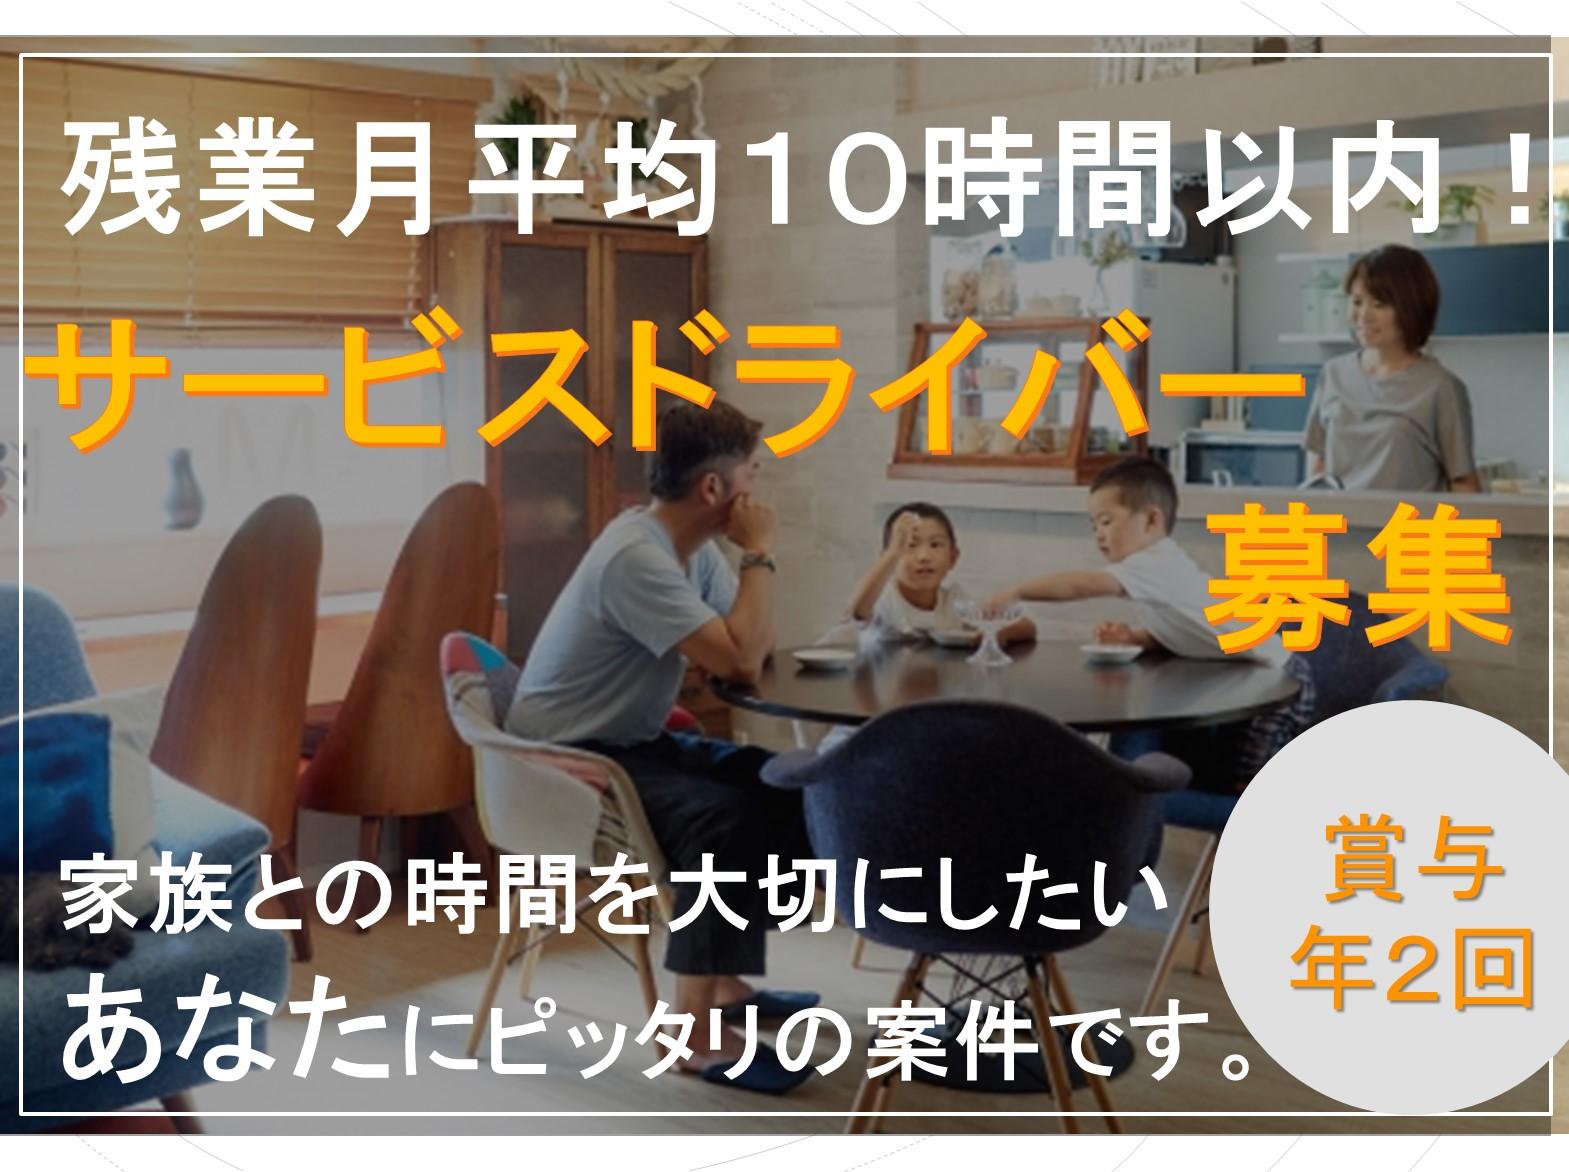 [清須市]家族との時間を大切にしたいあなたに!残業月平均10時間以内!◇サービスドライバー◇ イメージ